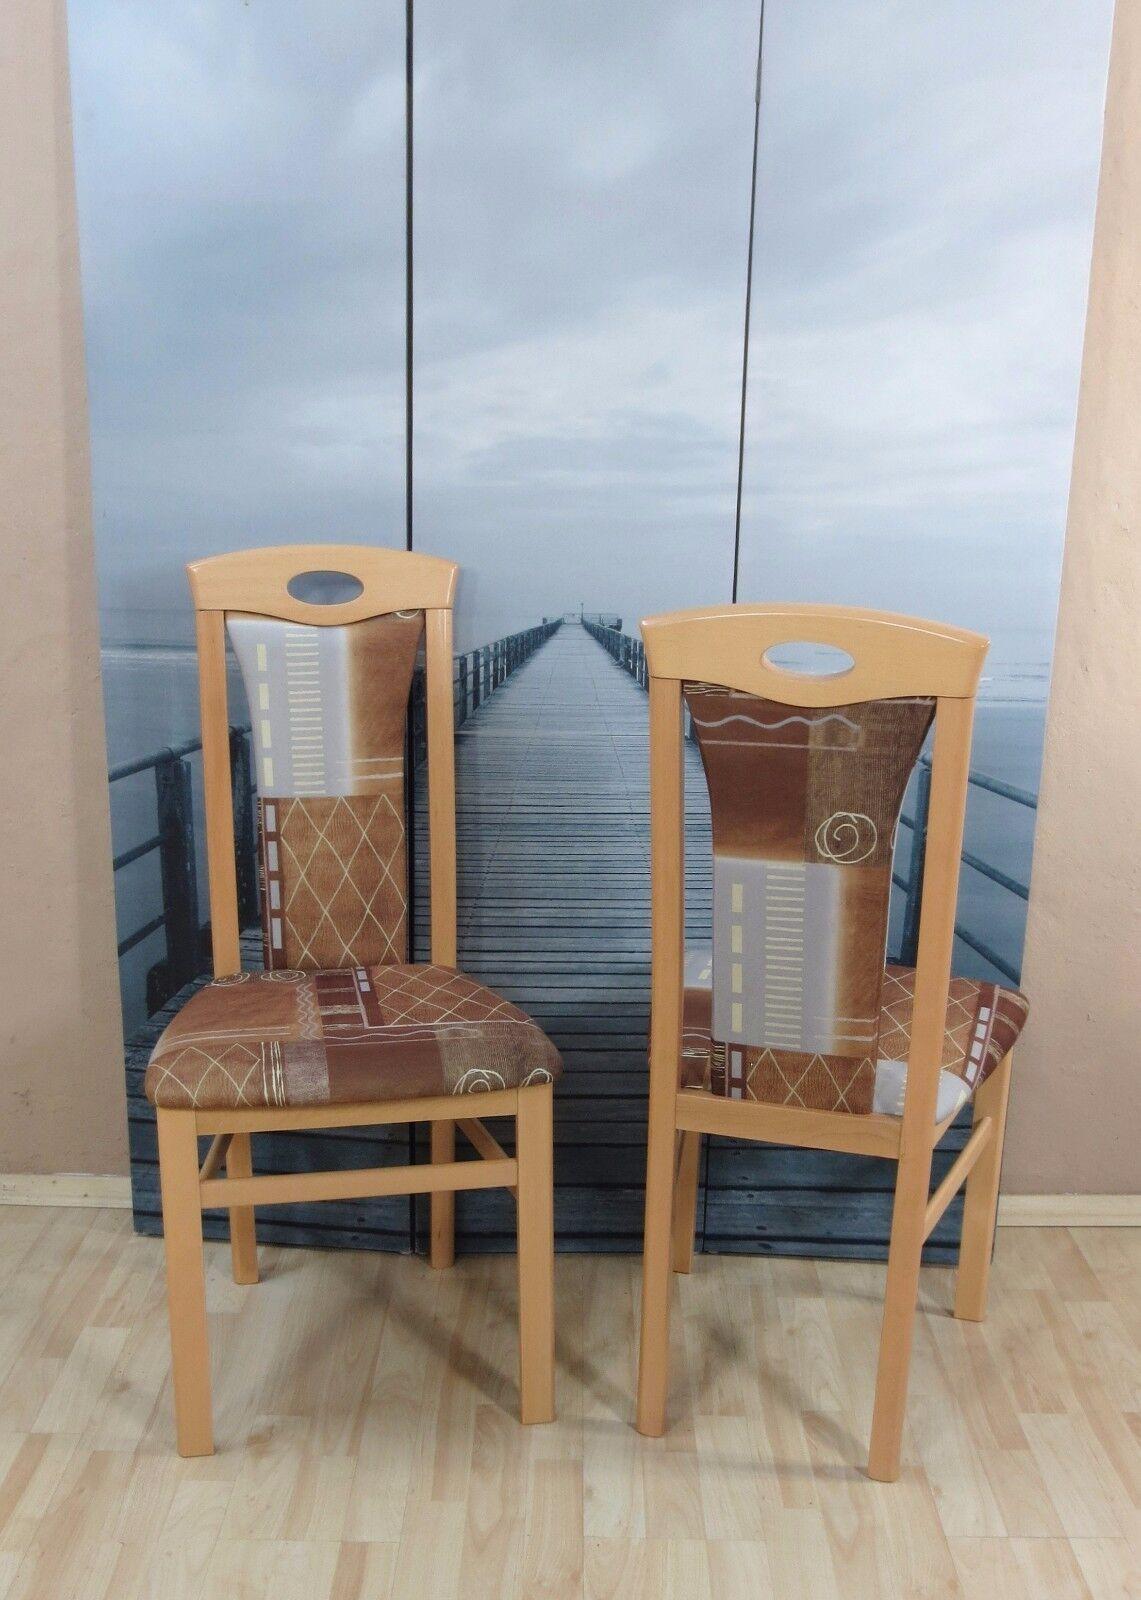 2 x Stühle weiß eisblau massivholz Stuhlset modern design günstig preiswert neu